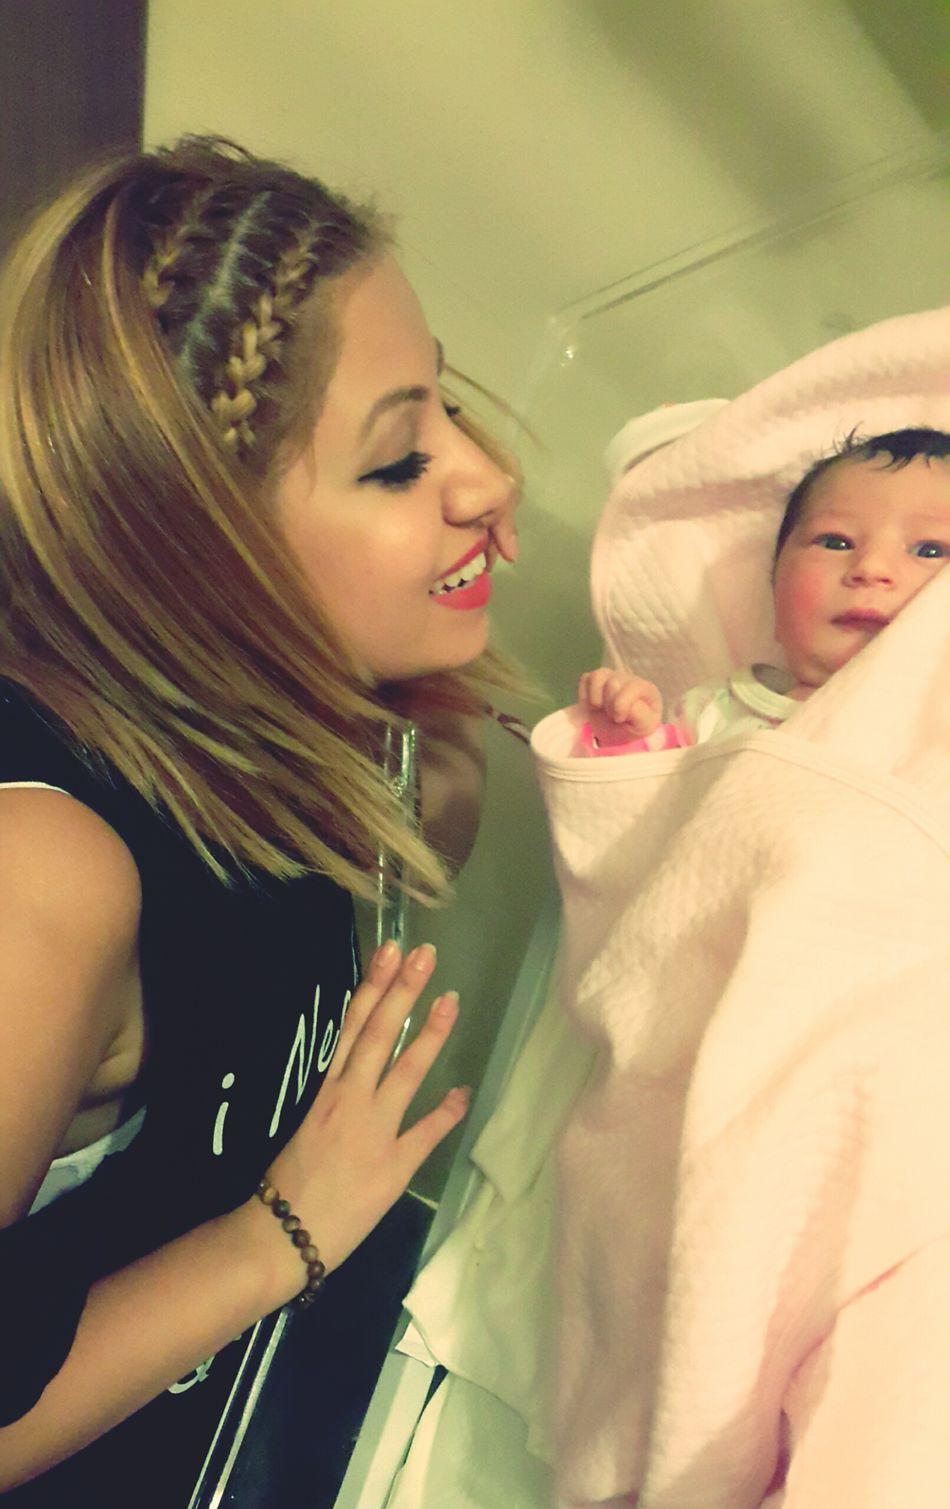 Yesin halası onu 🙈😍😘💕👶👶 Bebeğim  Bebek ❤ Kuzum Halasınınbalkızı Halasınıngülü Aşk Baby ❤ Melek👼👼👼